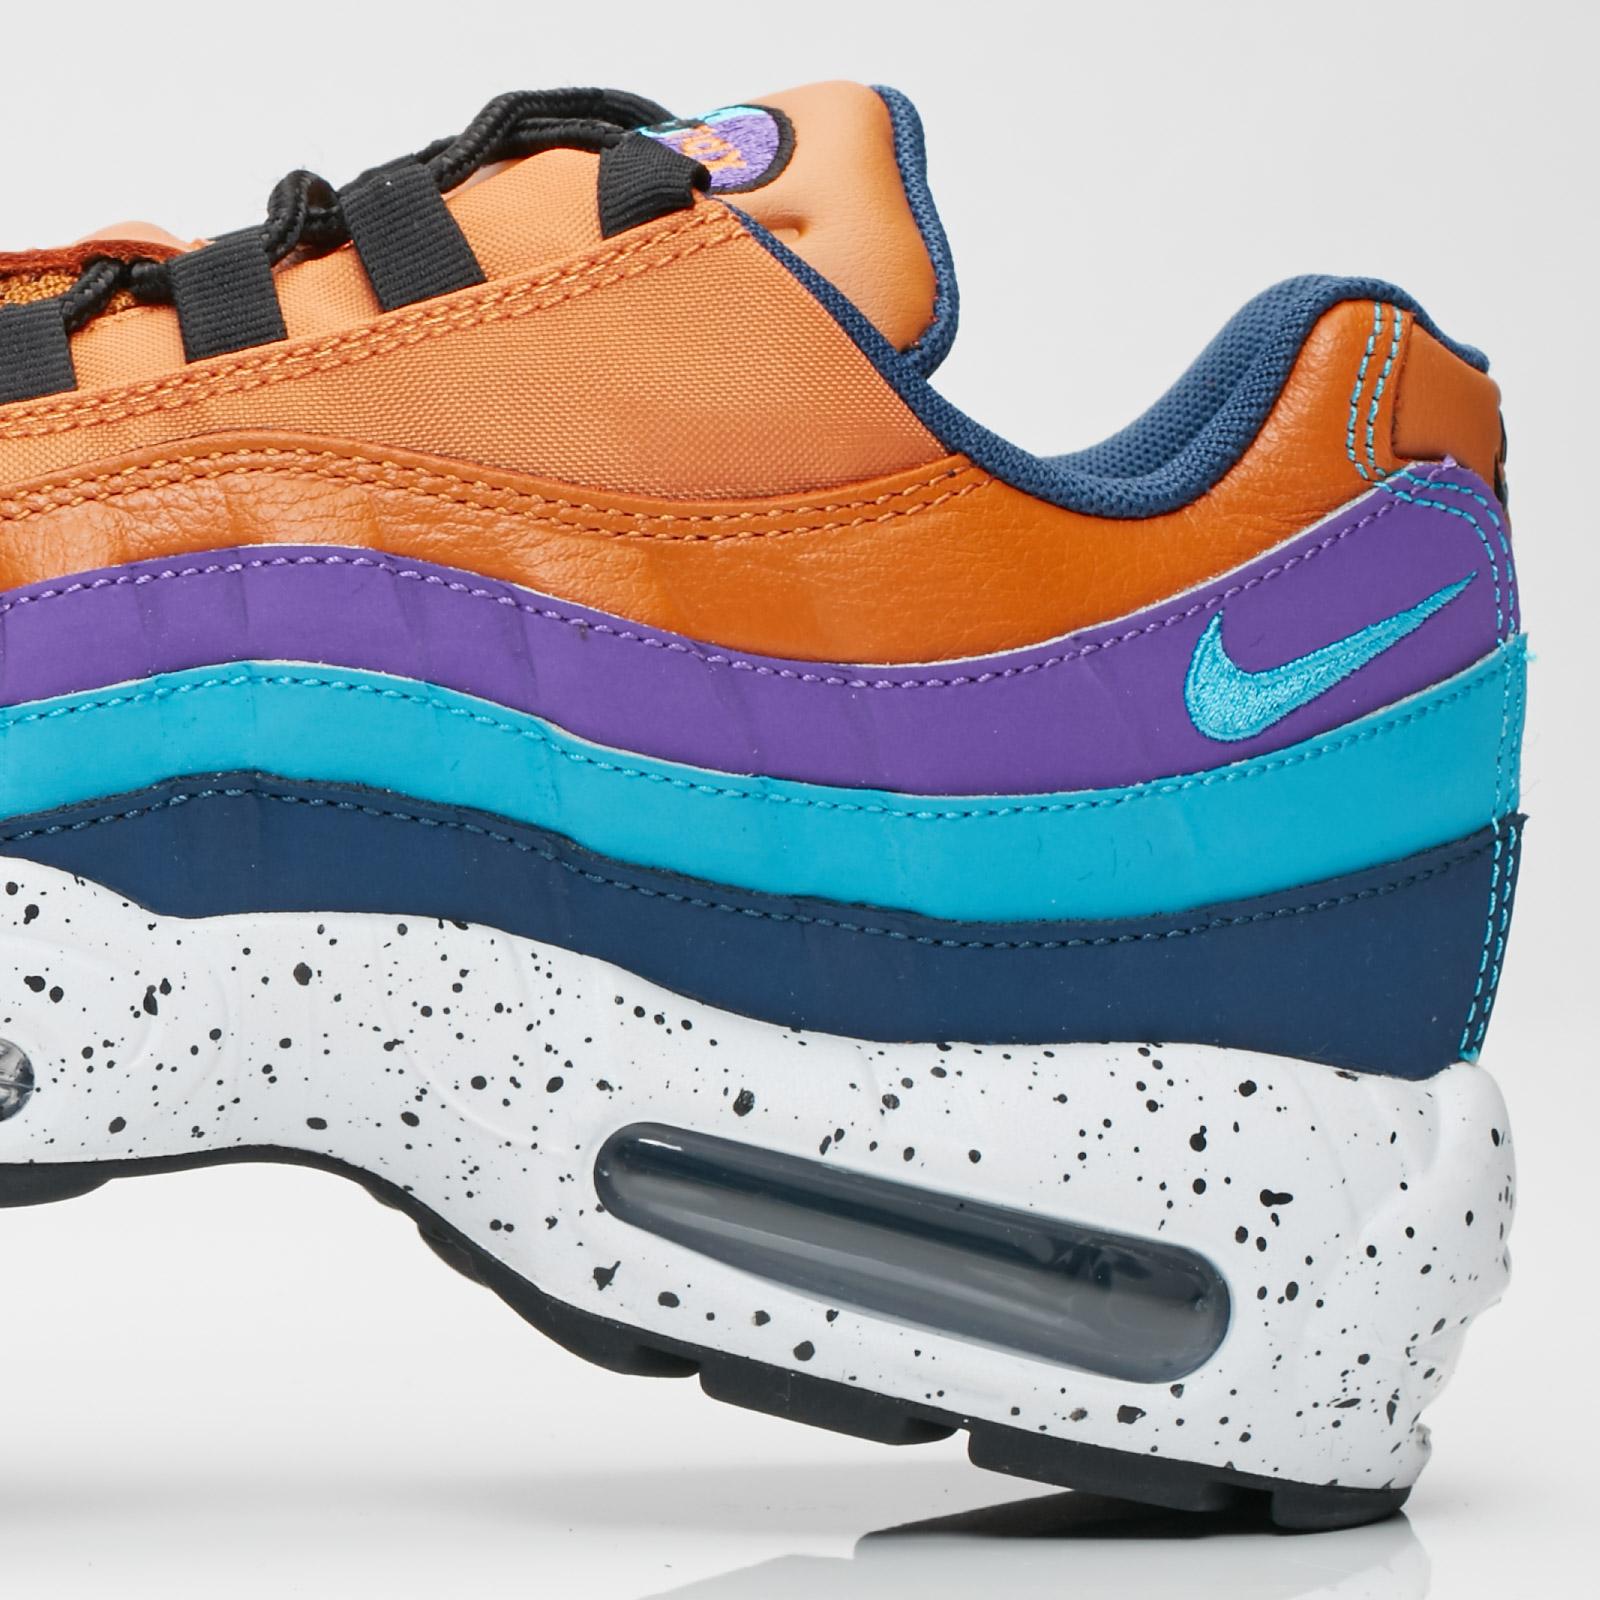 buy popular 5aba1 97558 Nike Air Max 95 Premium - 538416-800 - Sneakersnstuff ...